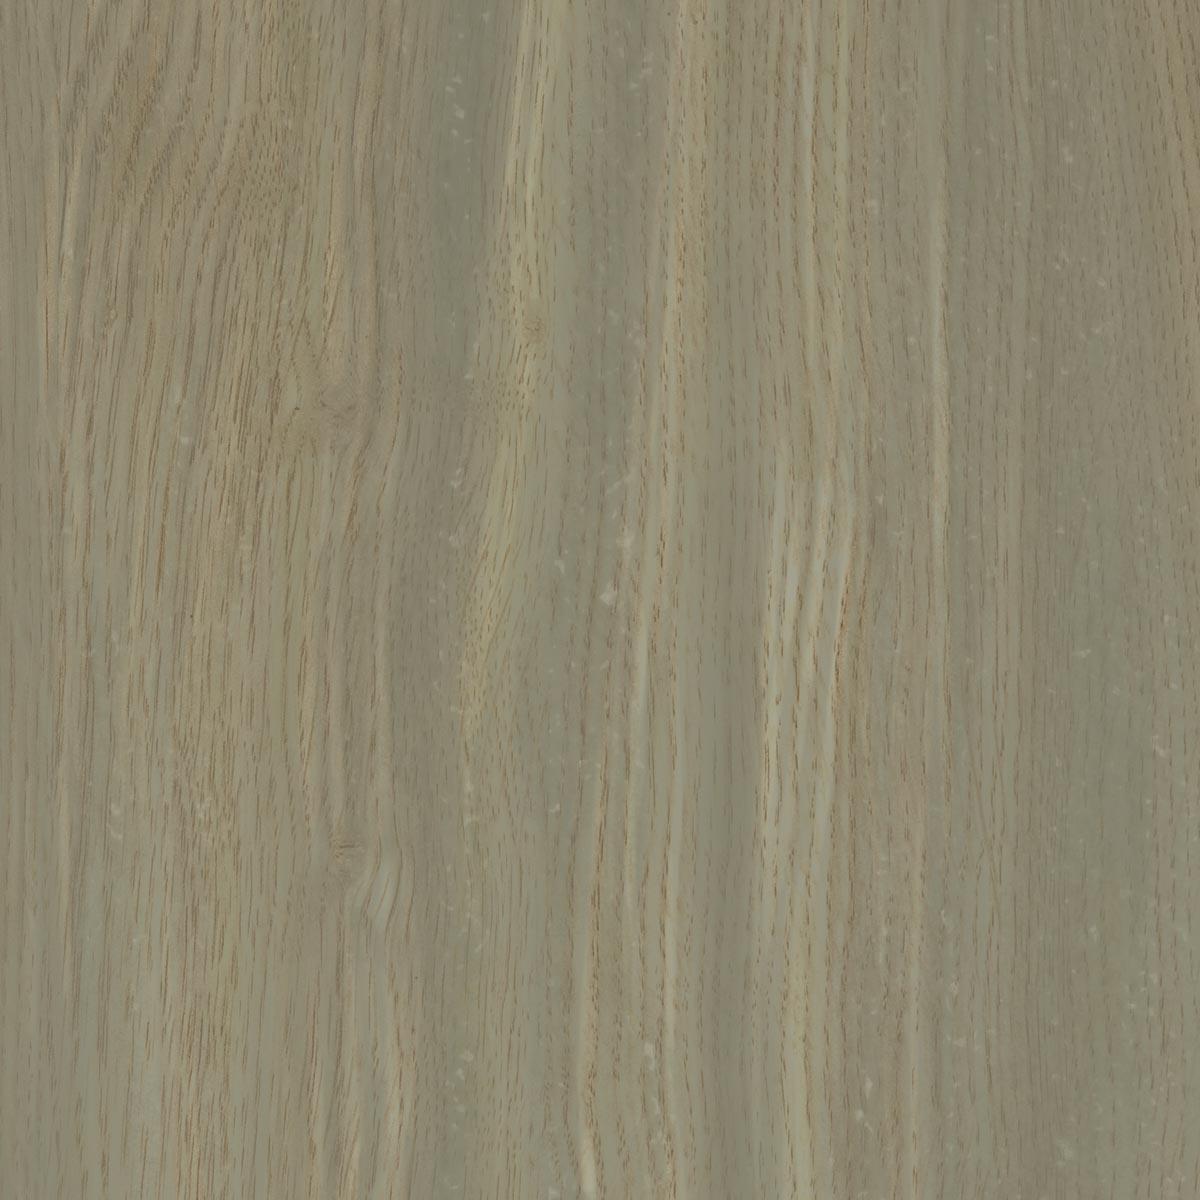 FolkArt ® Pickling Wash™ - Driftwood, 8 oz.